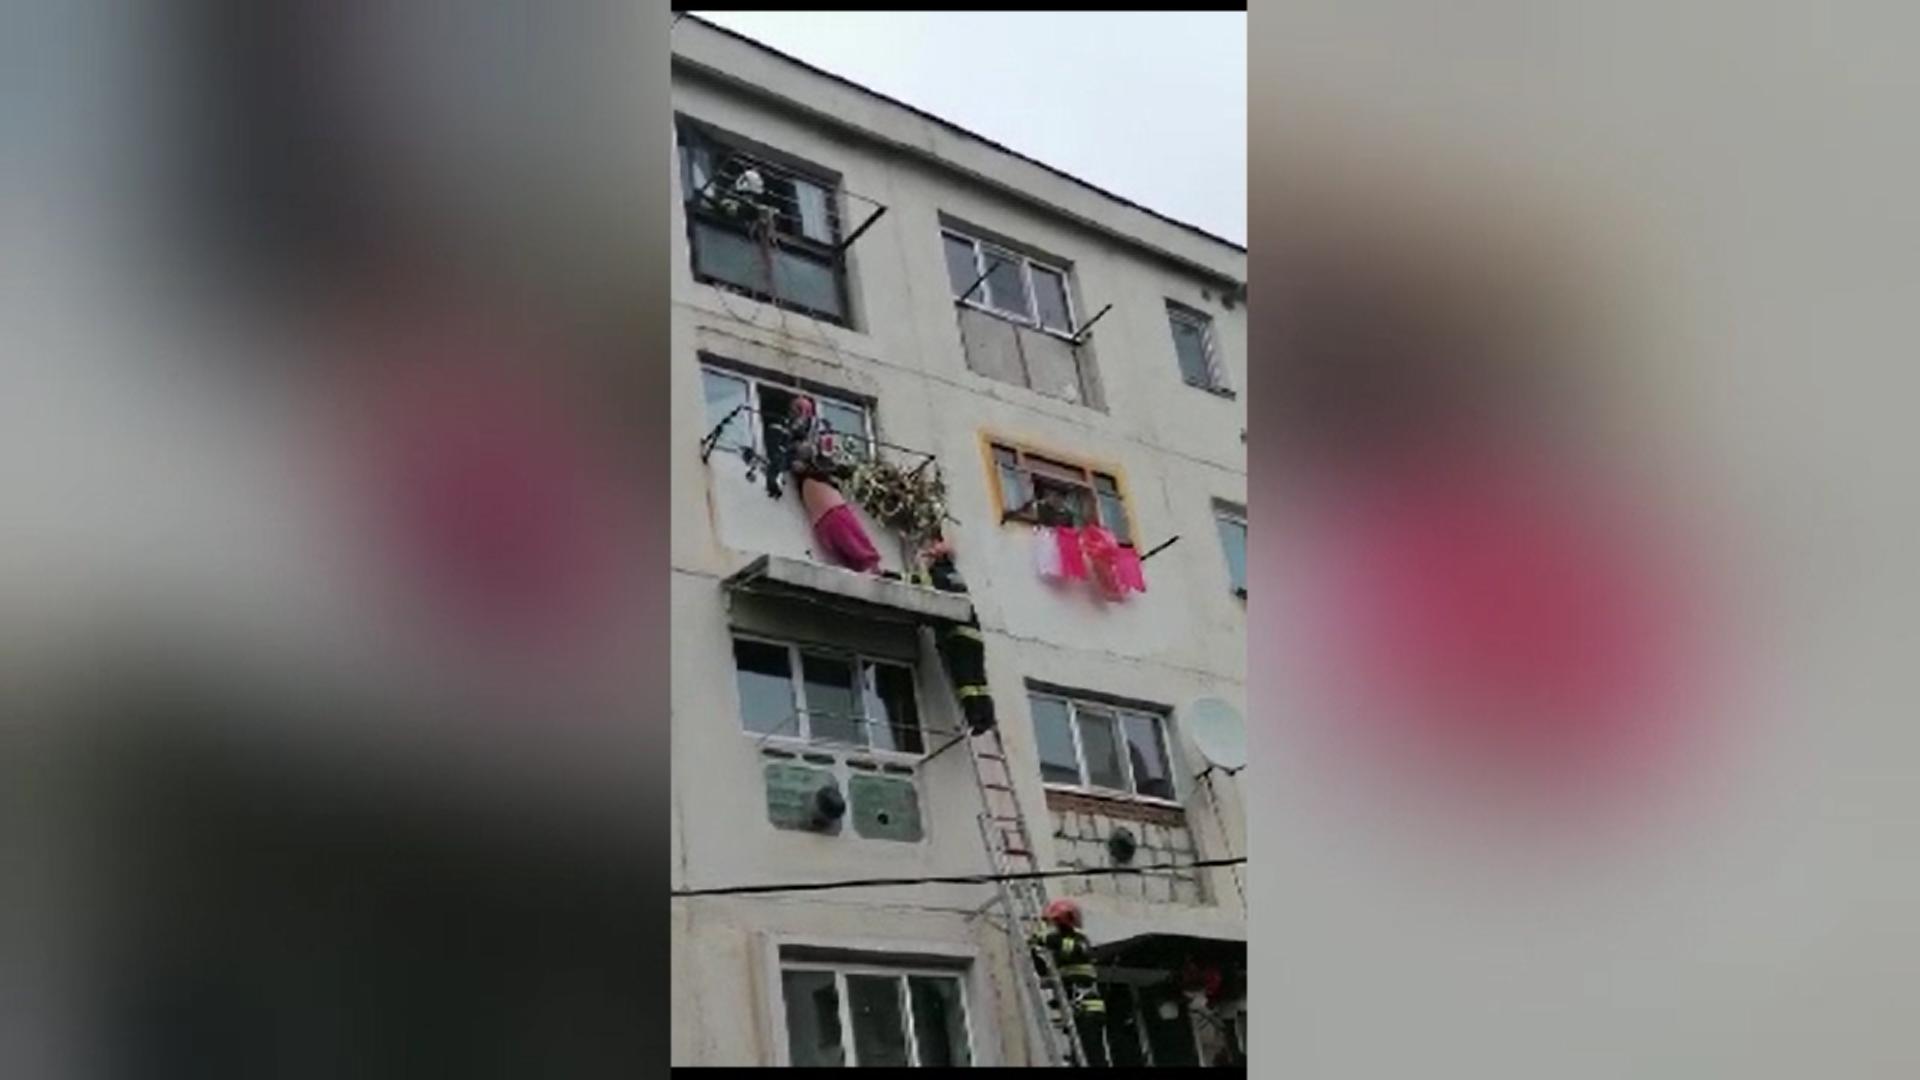 Un bărbat din Gorj a căzut de la etajul patru a unui bloc și a supraviețuit după ce s-a oprit în copertina unui vecin